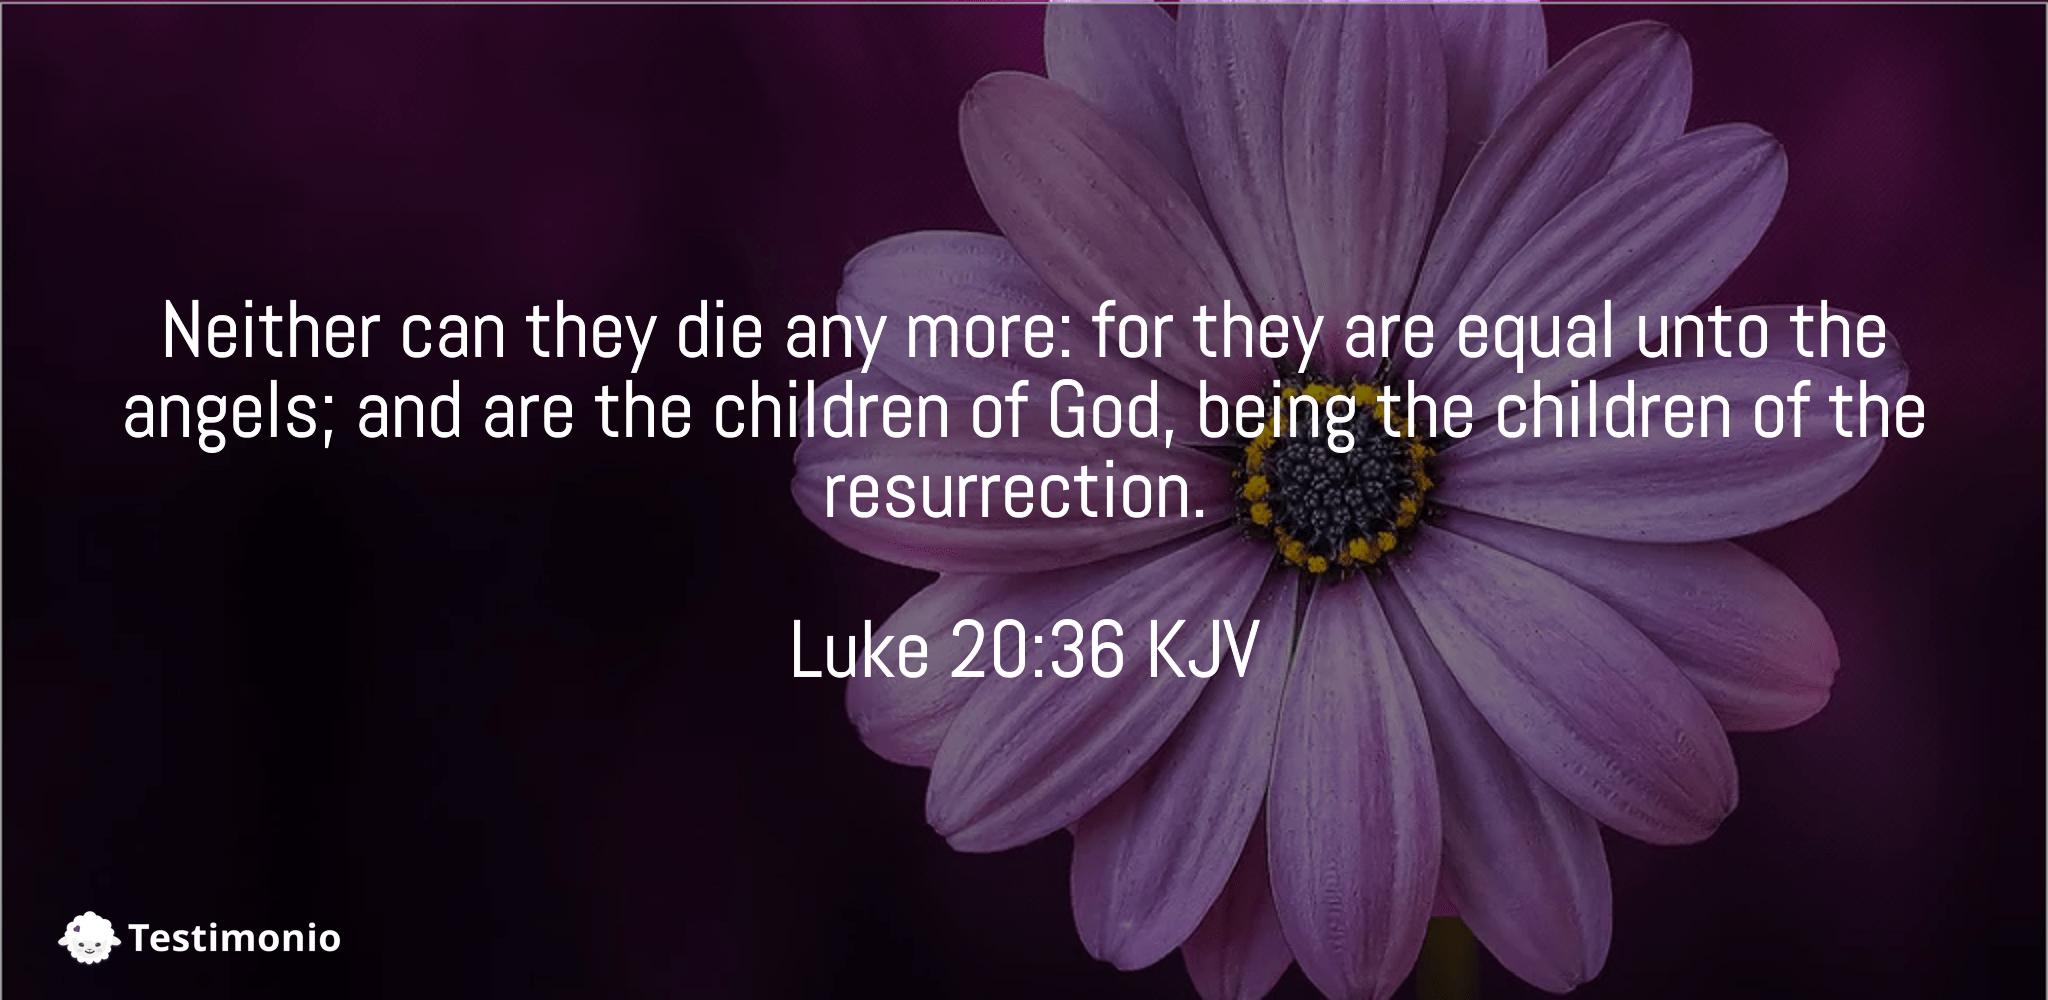 Luke 20:36